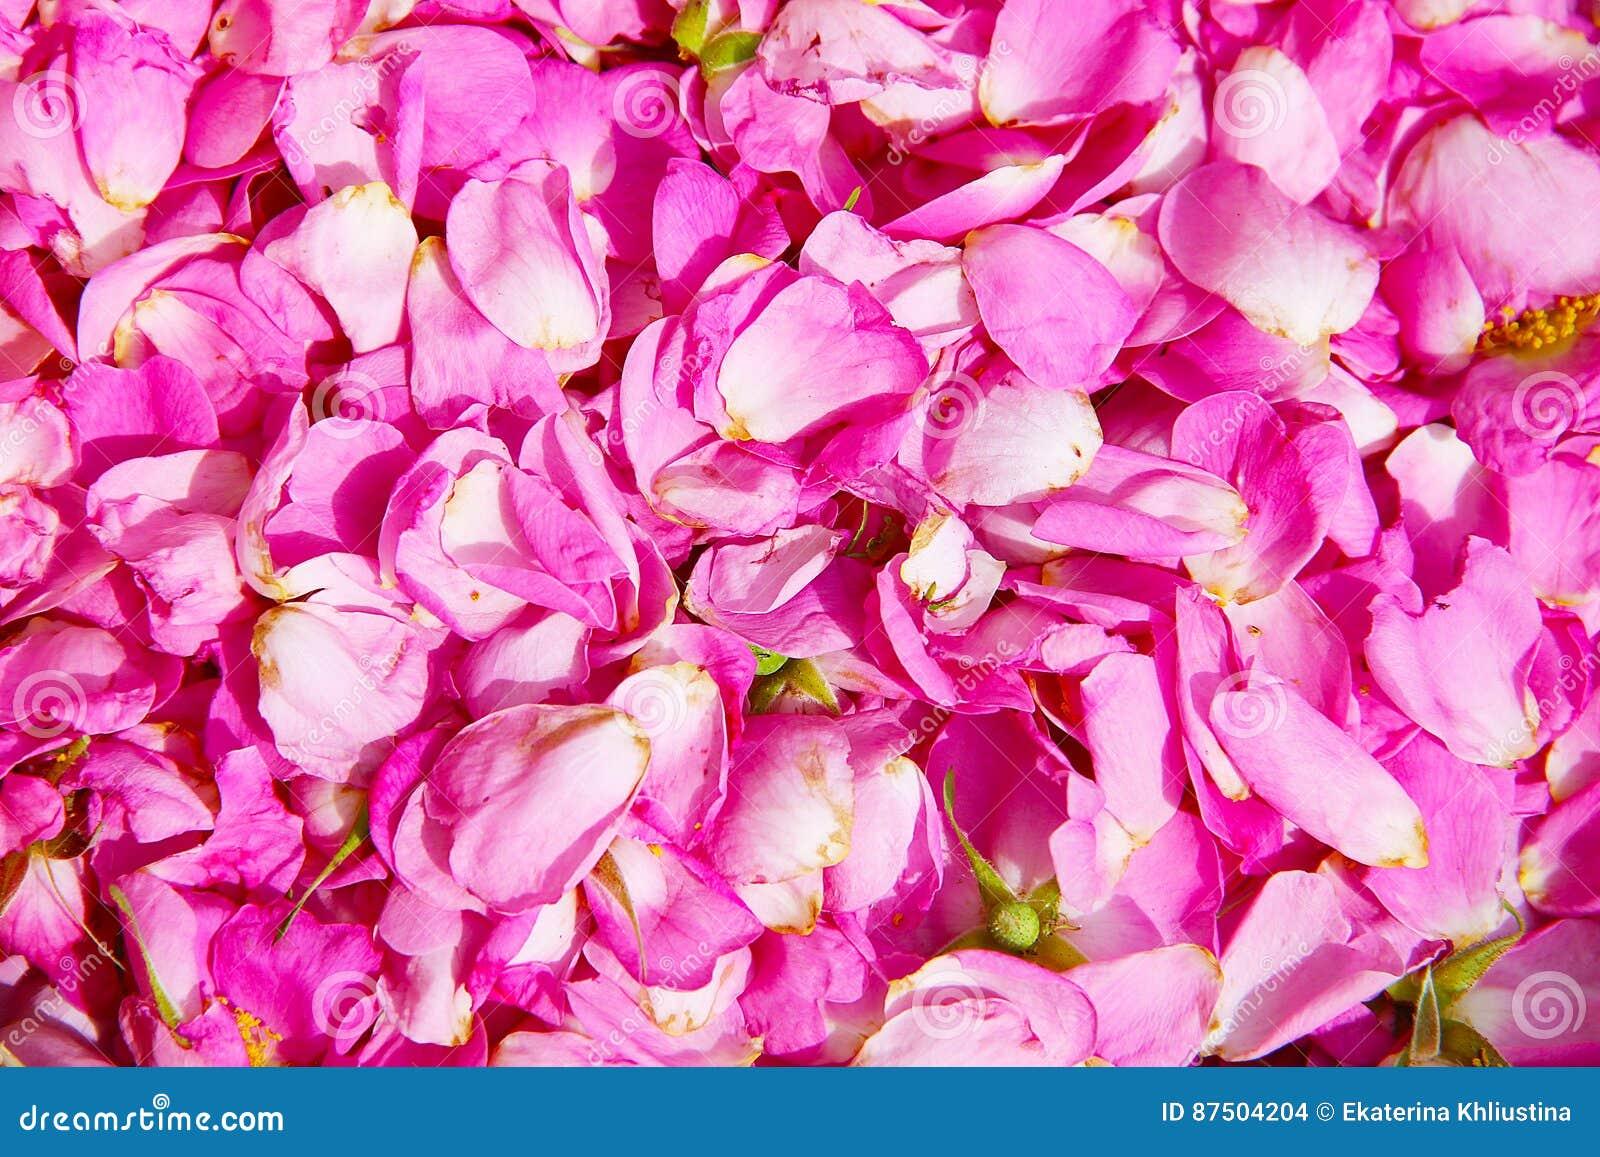 Fond Naturel Petales Roses Lumineux De Fleur Rose Sauvage Photo